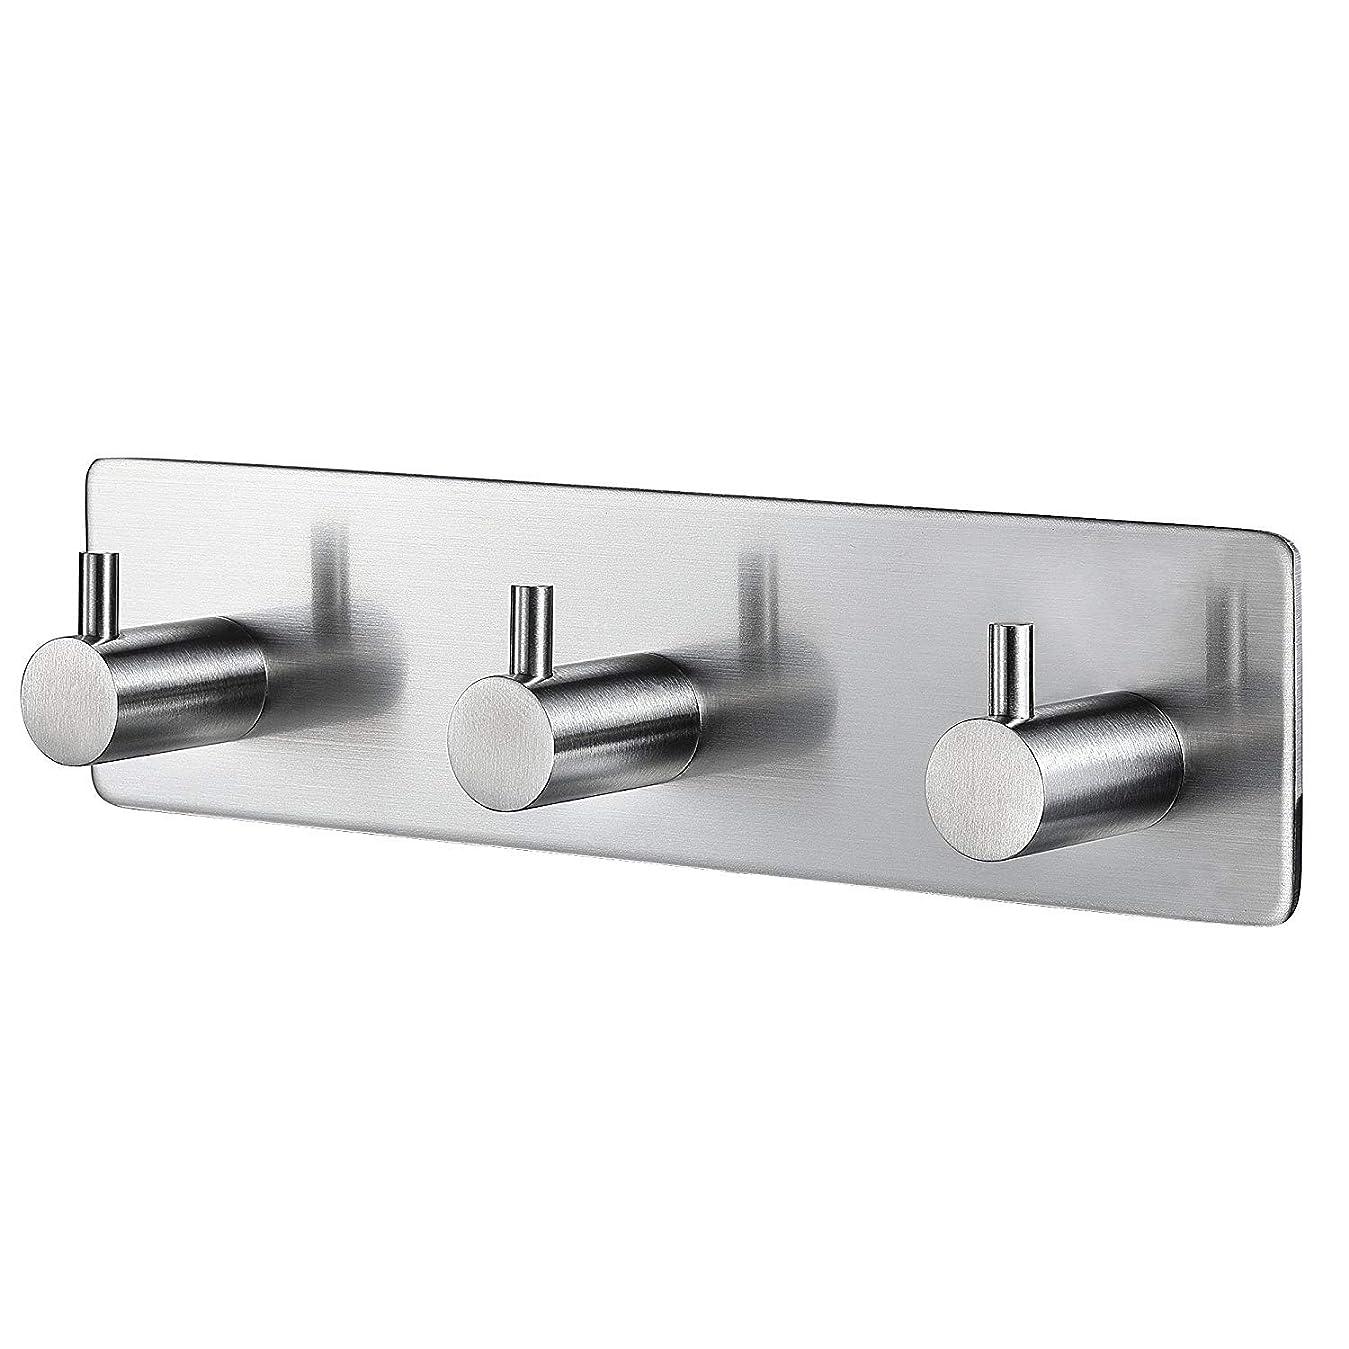 チューリップトークベッドWHSIN フック 粘着 ステンレス 強力 はがせるフック 壁 傷つけない 壁掛け フック お風呂 フック 防水 穴あけ不要 玄関 洗面所 浴室用 (3連 フック)